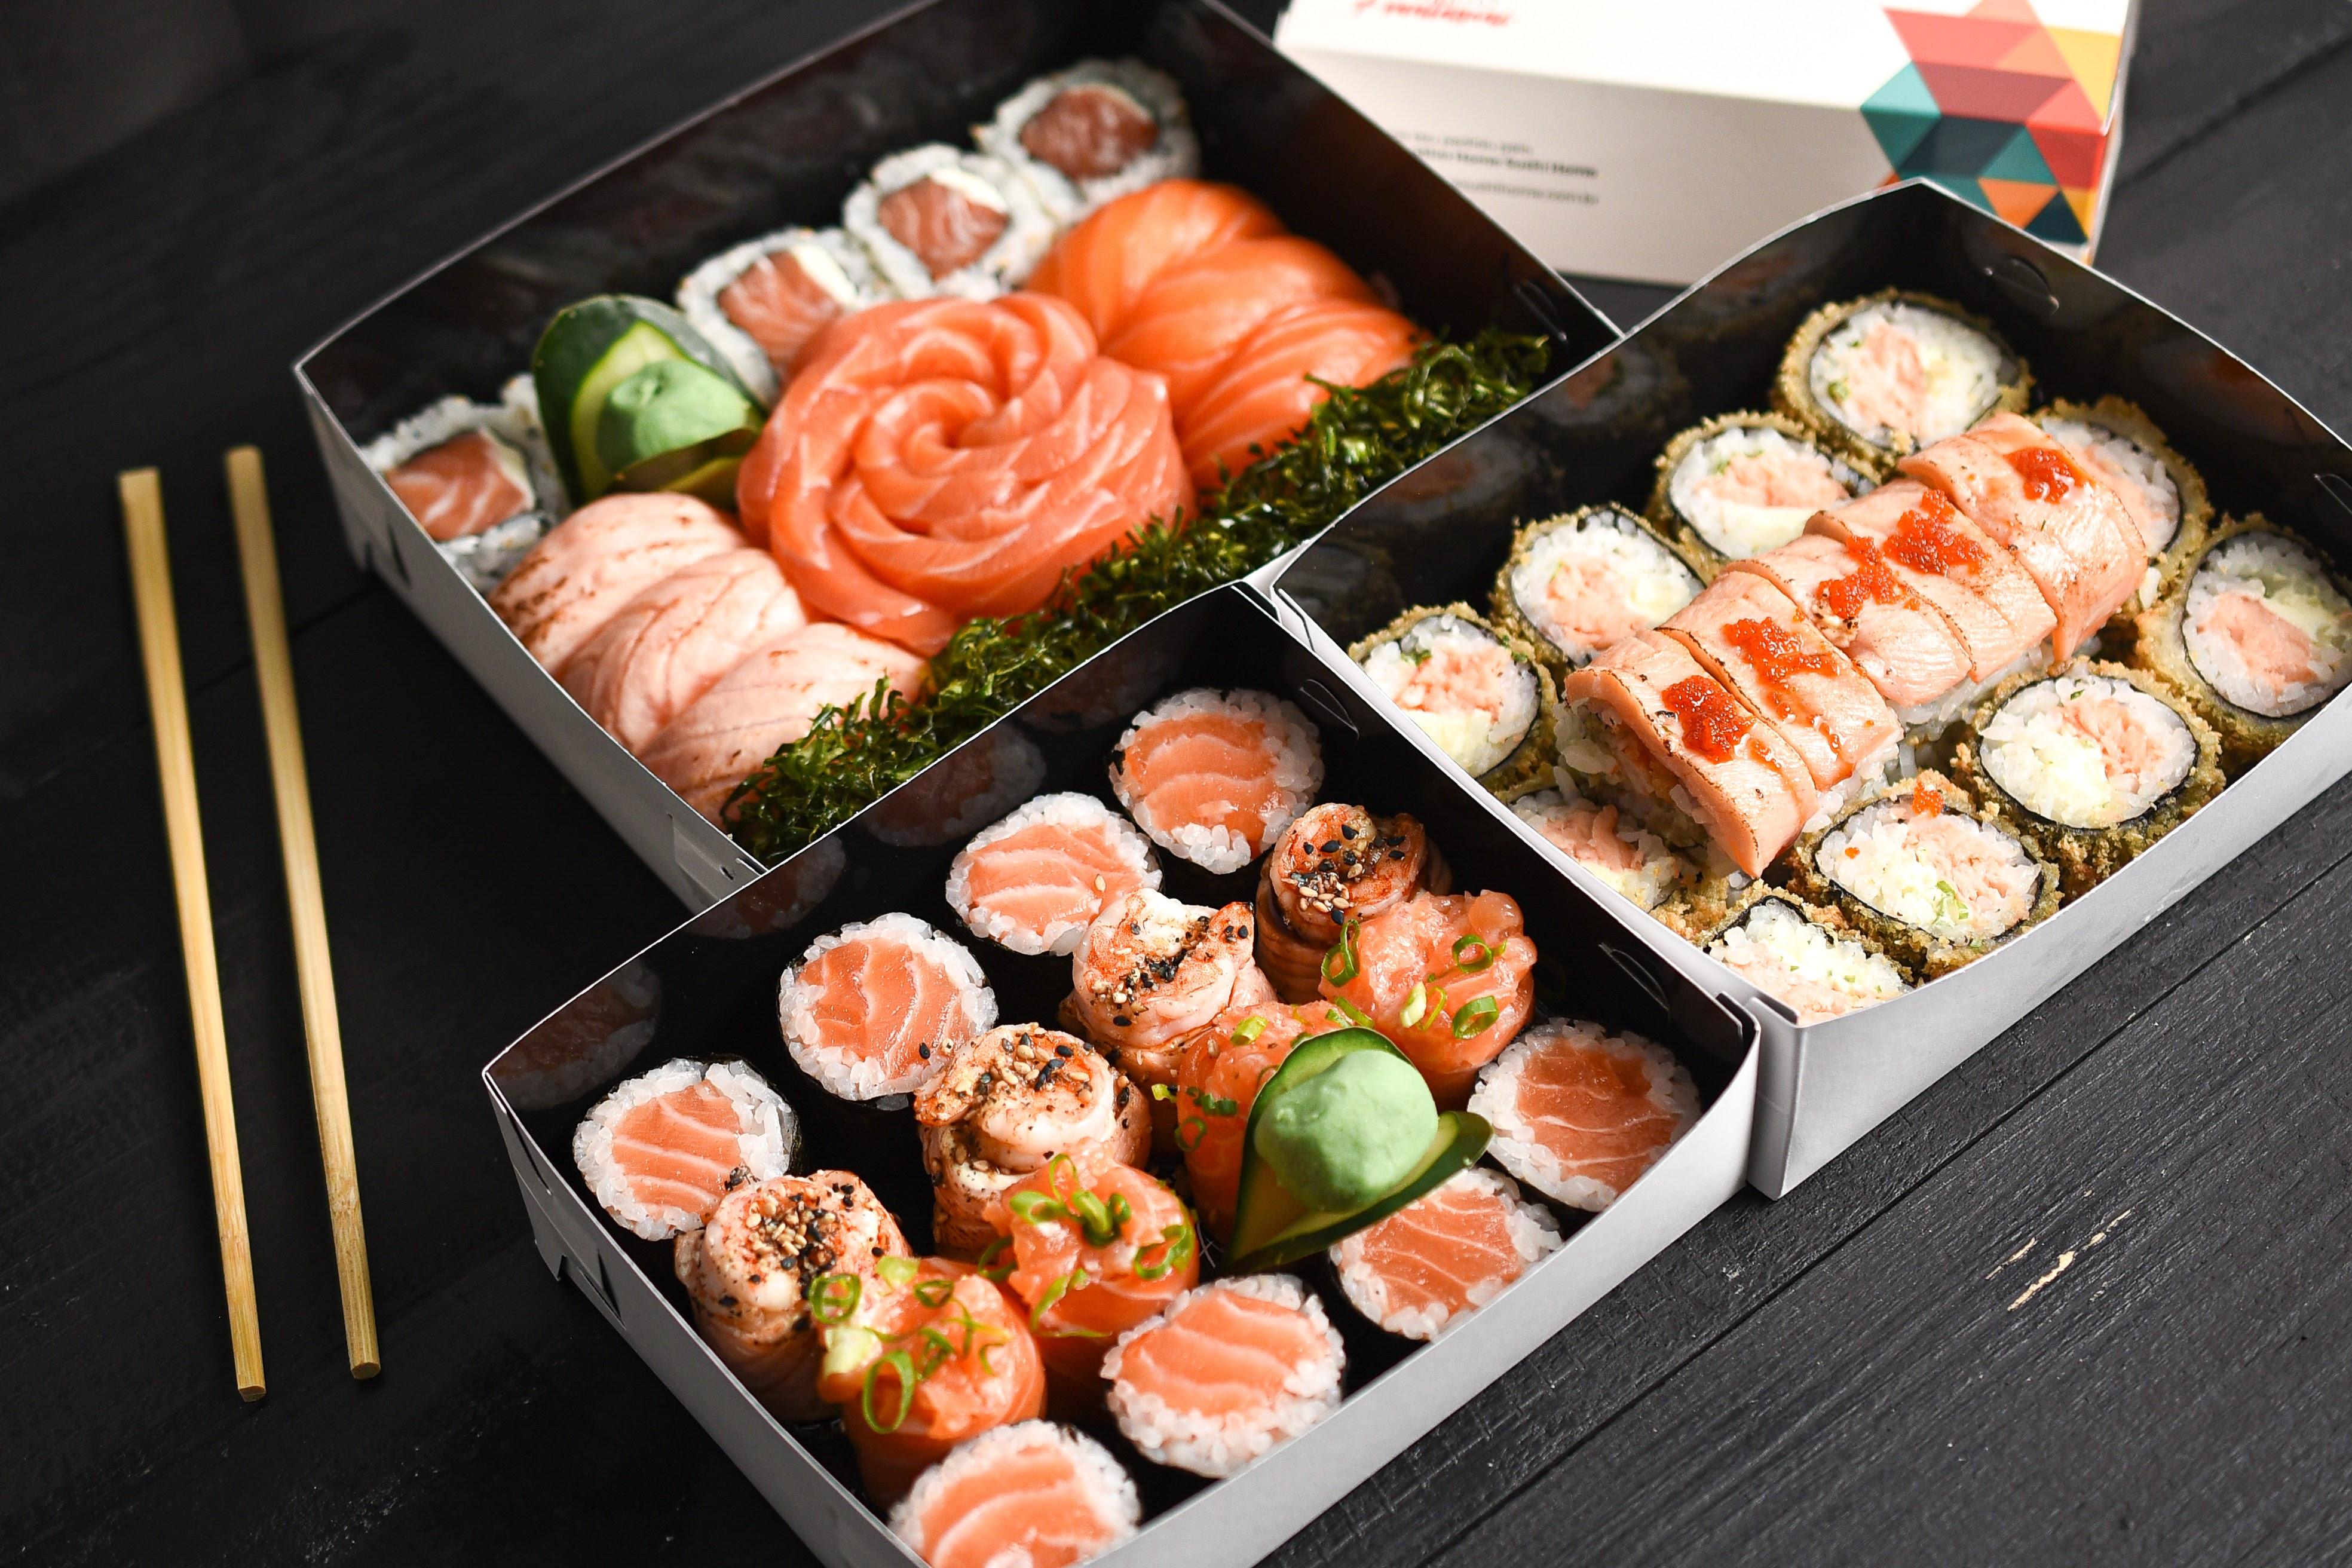 Home Sushi Home: combos variados, inclusive com opções fitness e vegana